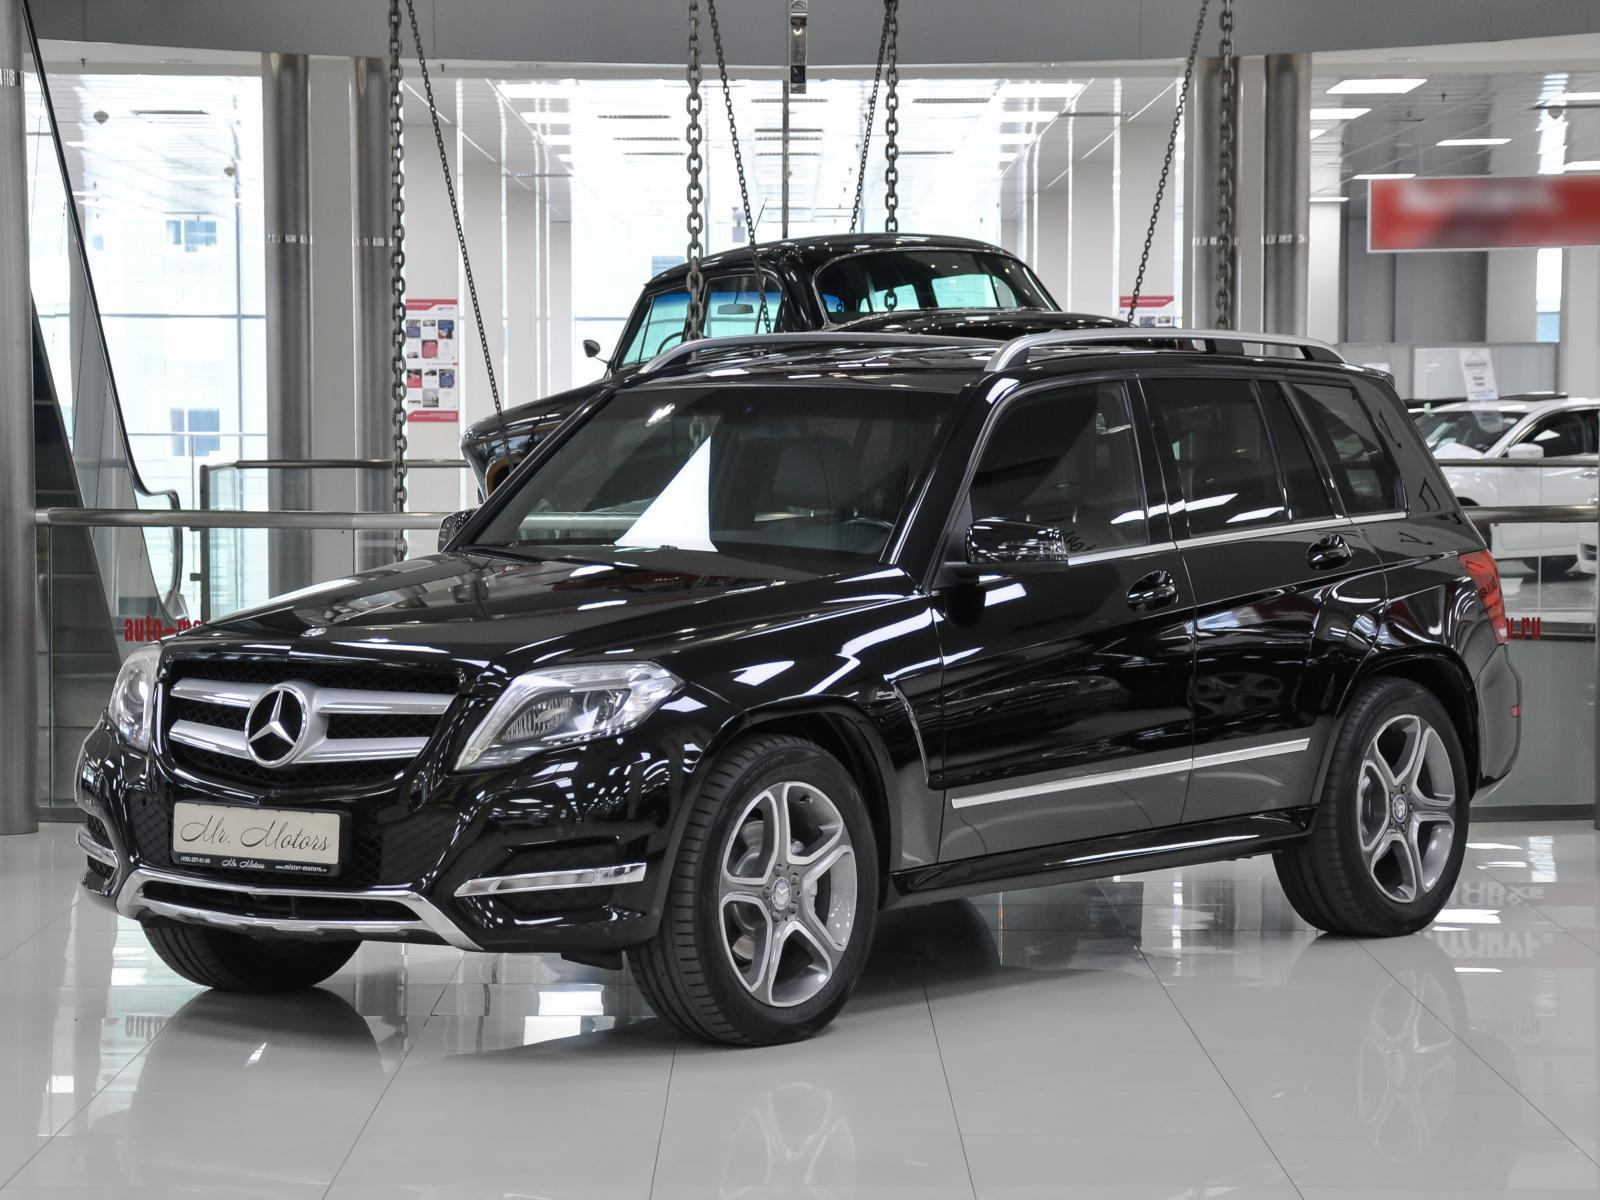 Mercedes-Benz GLK-klasse с пробегом в Москве. Автомобильная компания Mr.Motors